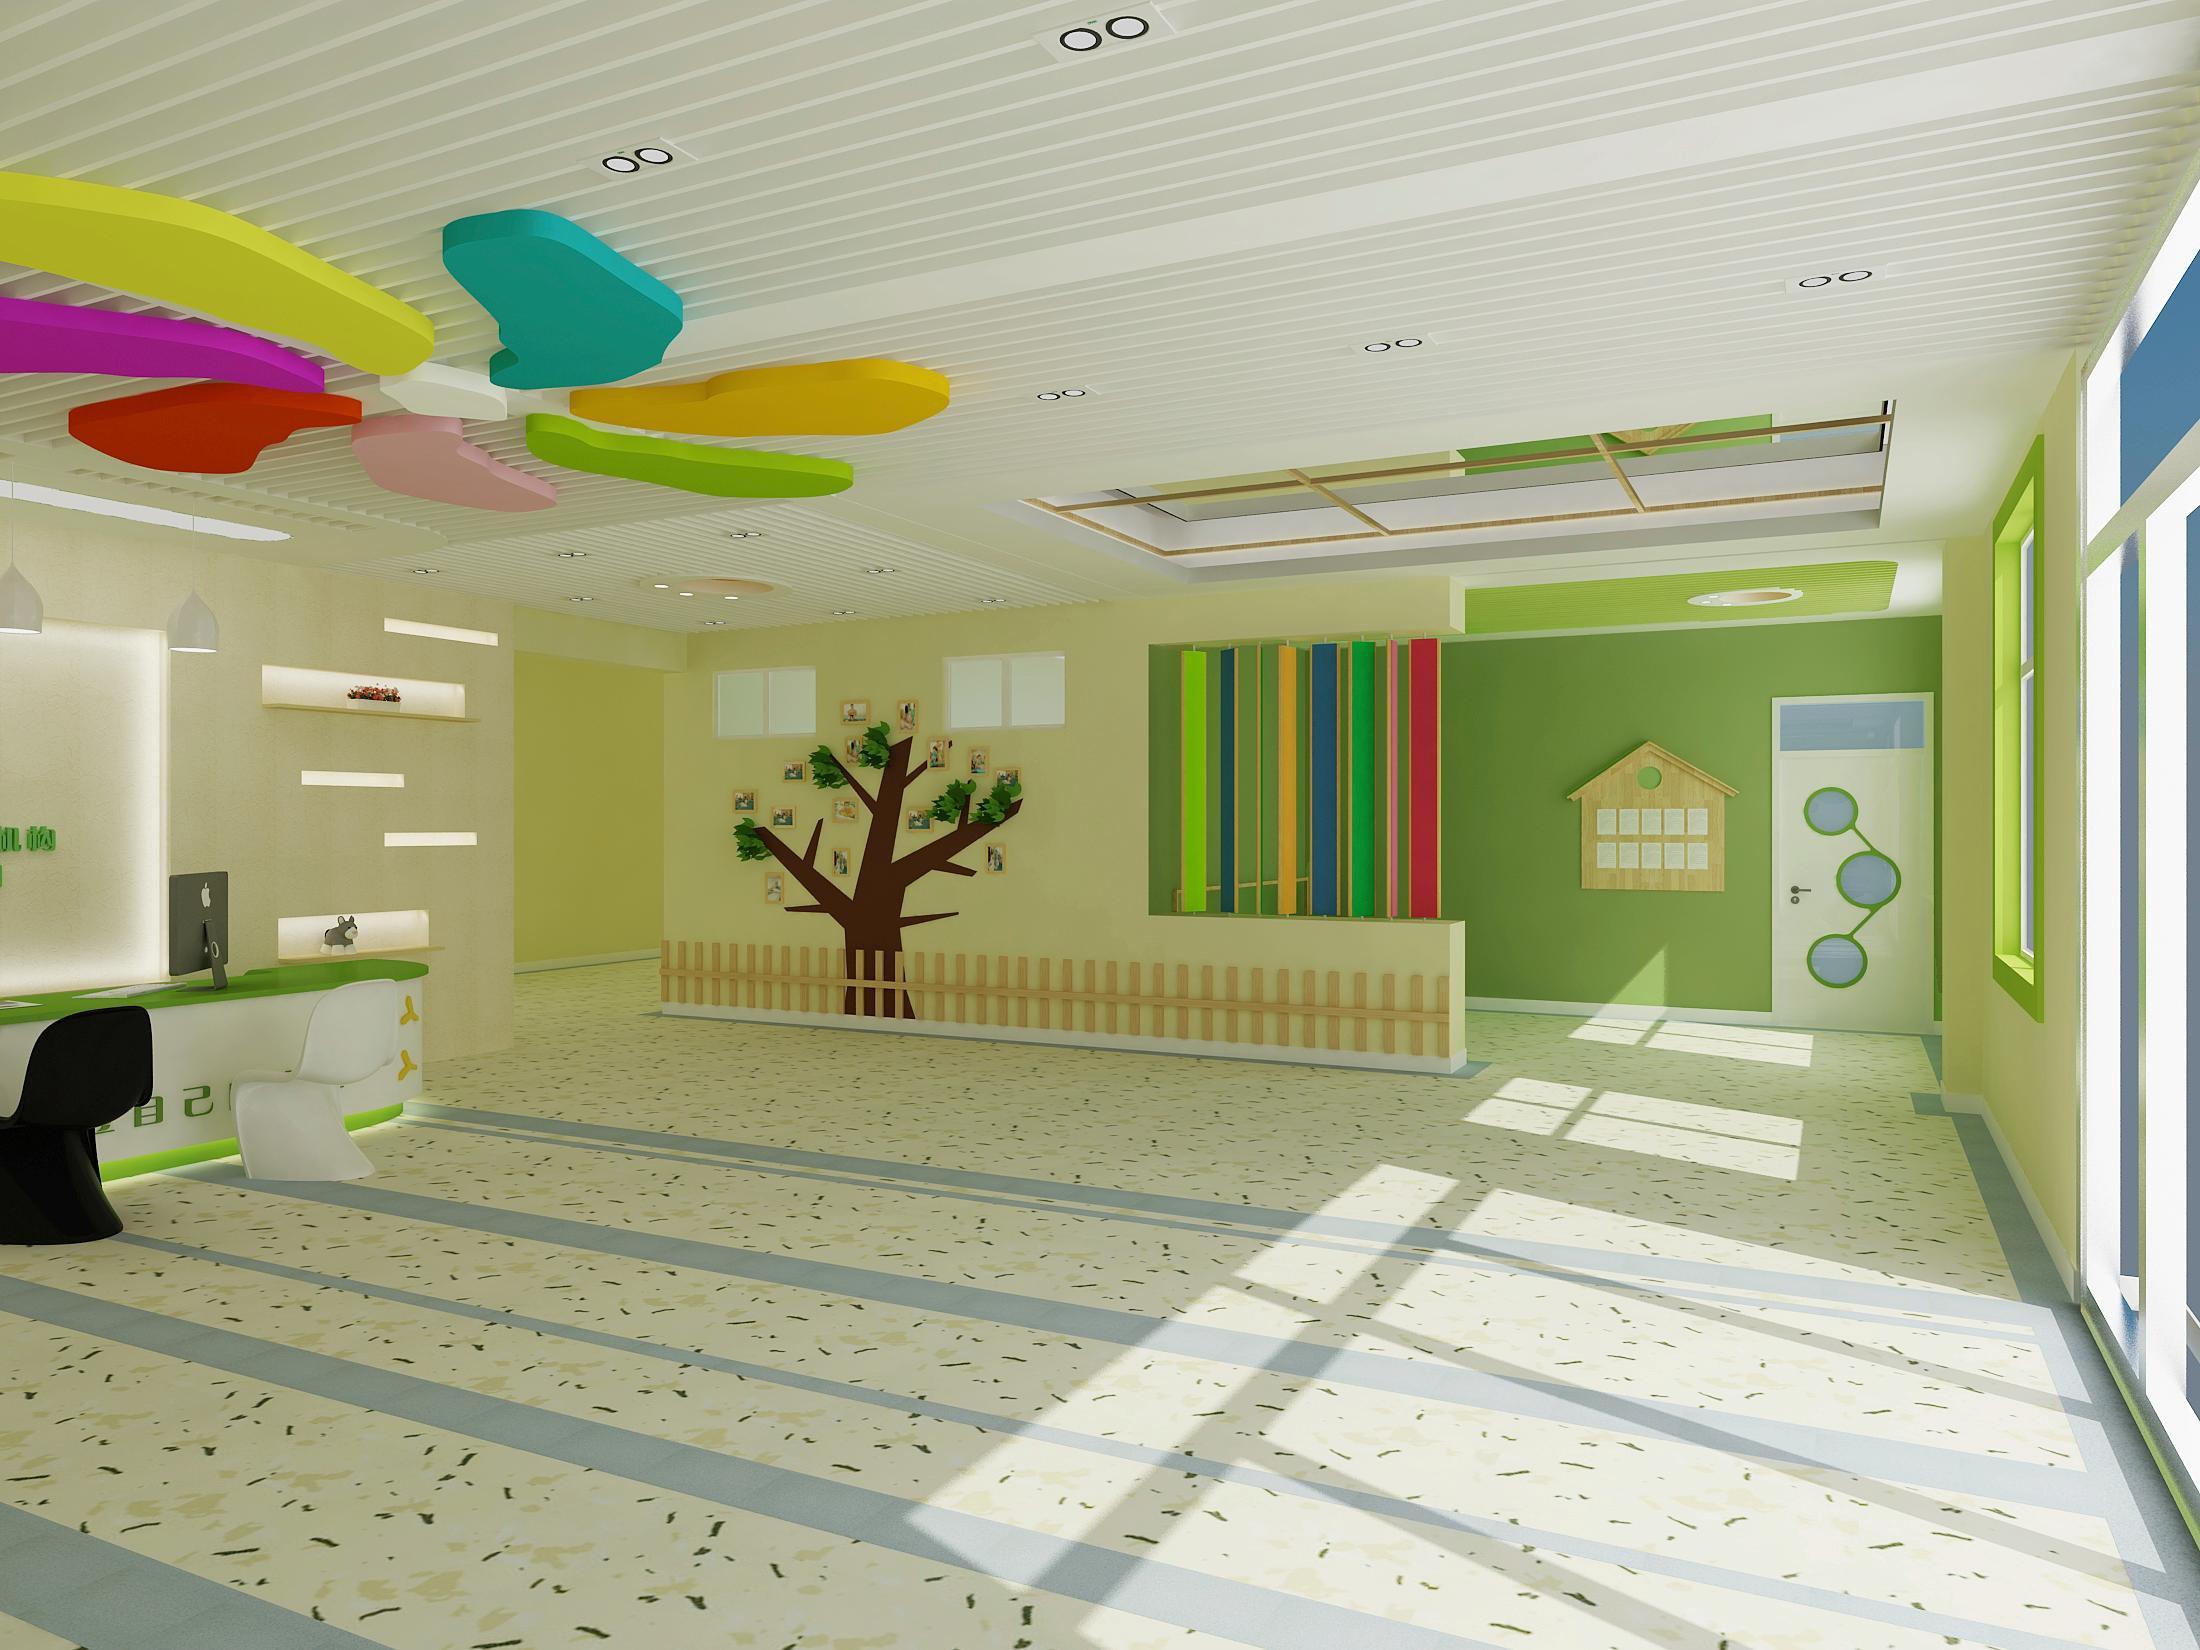 成都大型亲子幼儿园装修设计/大型亲子幼儿园怎么装修?